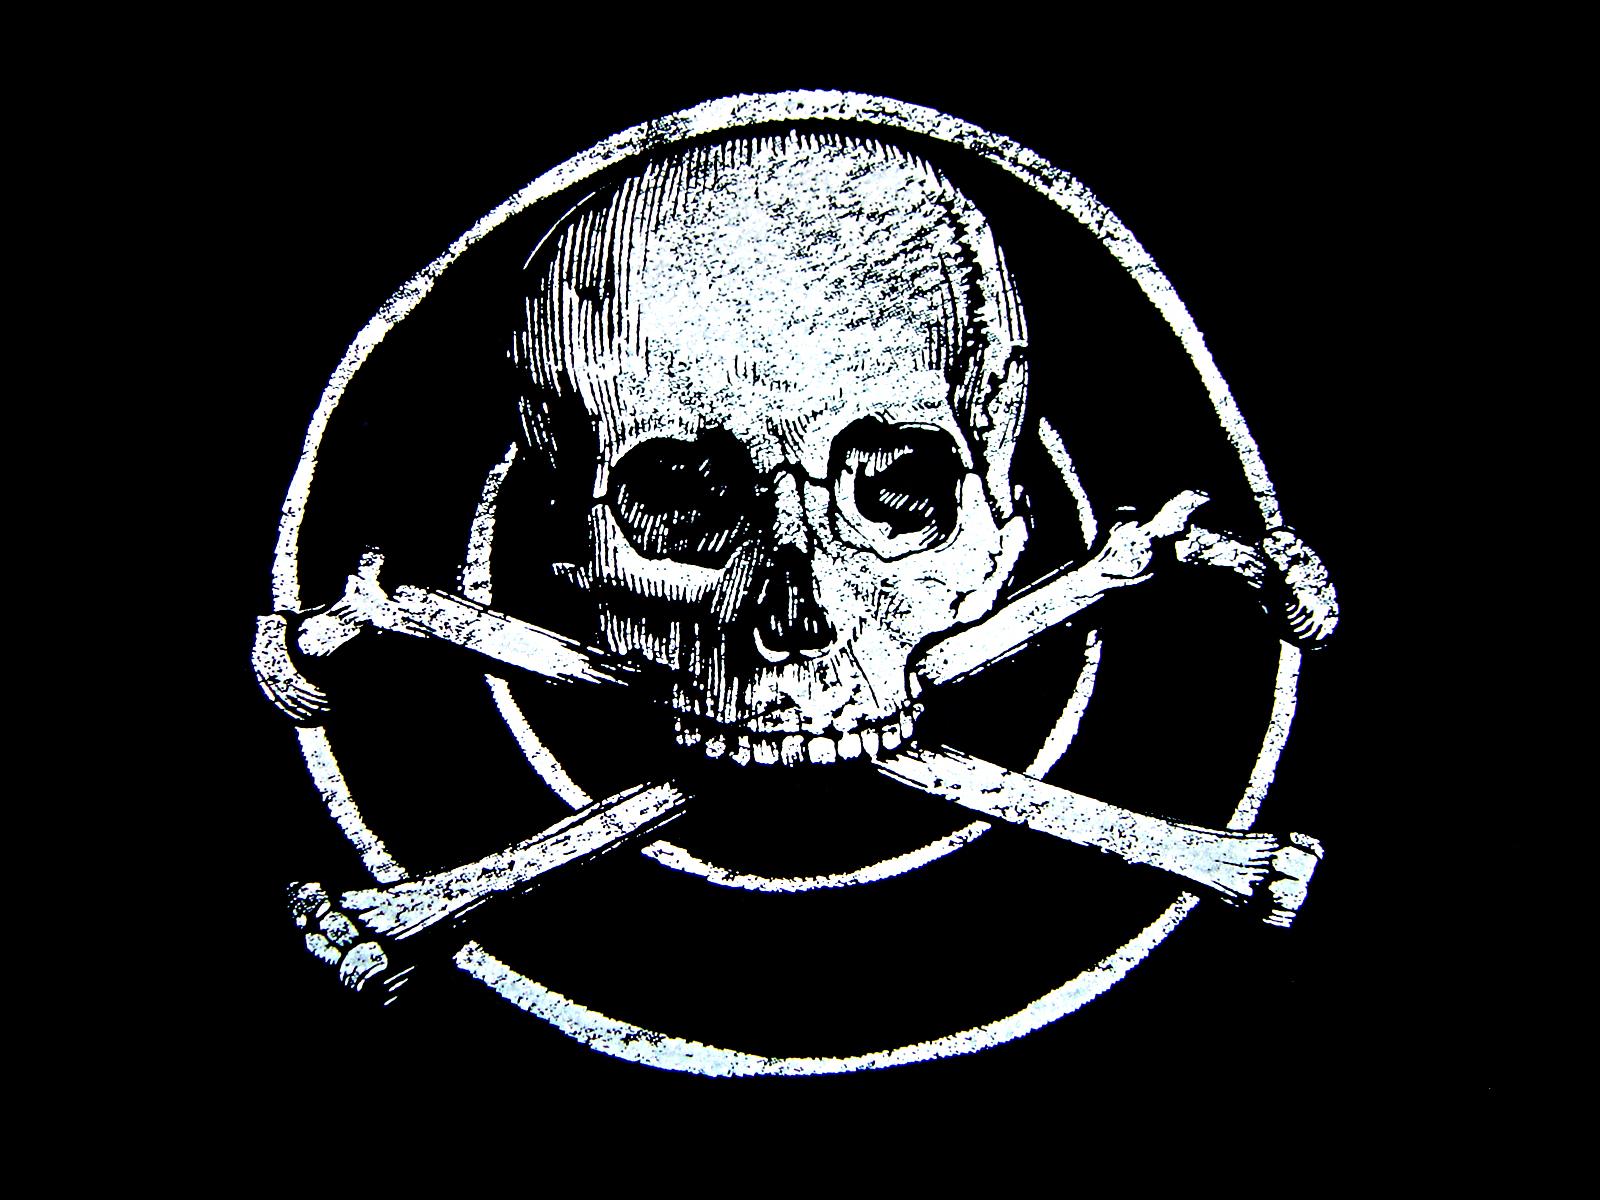 Skull And Bones Wallpaper: Black Skull Background